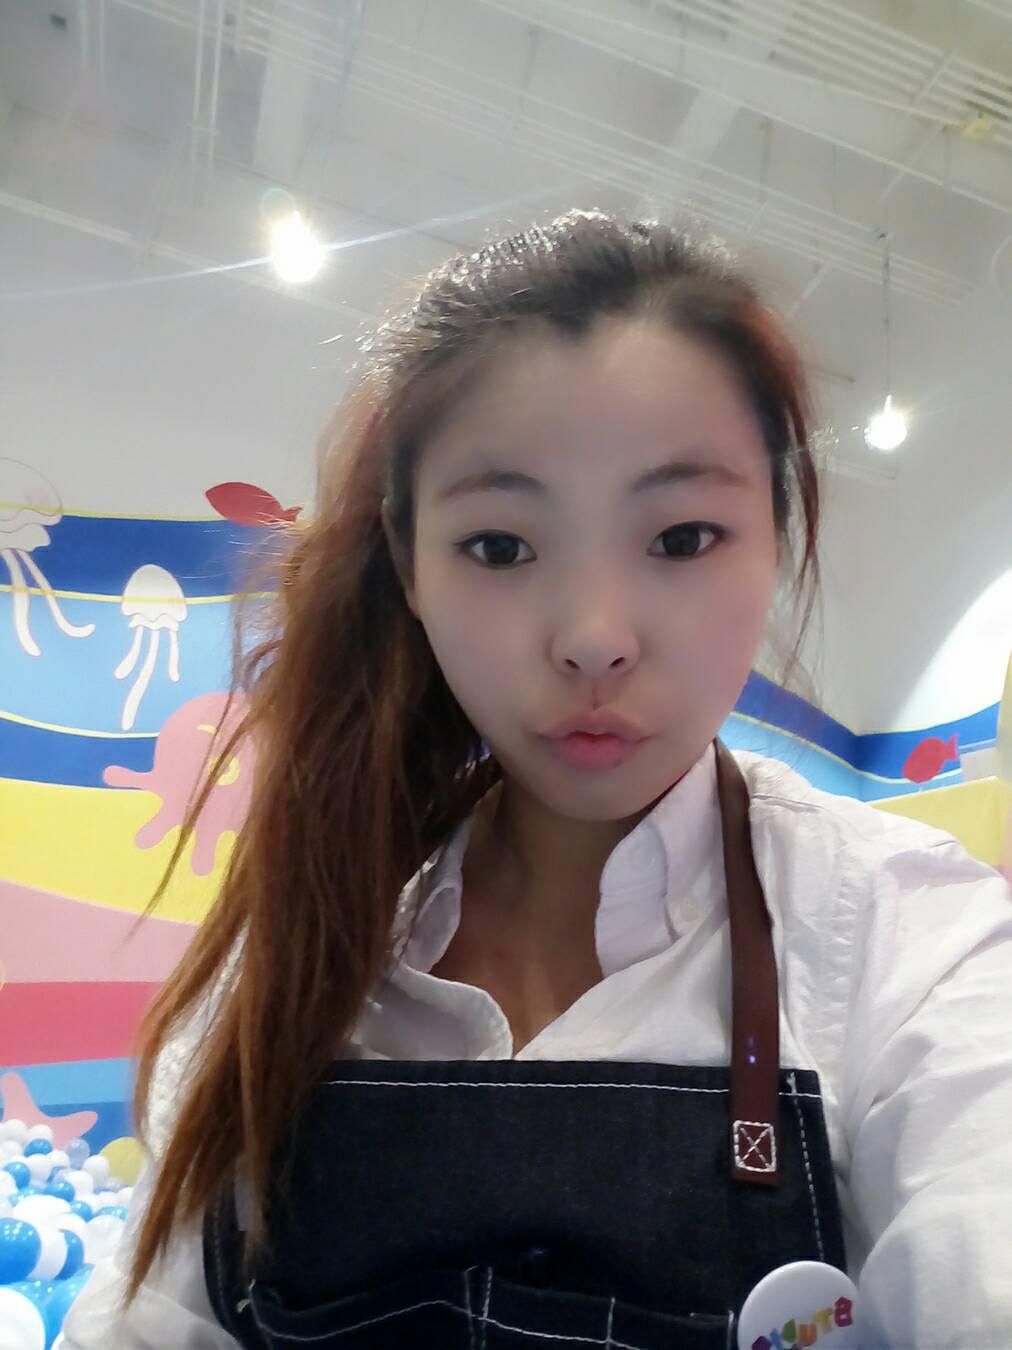 单眼皮开眼角好看吗,想做开眼角,人在上海,不知道哪个医院比较合适,大家给点意见,看看还需要整哪里